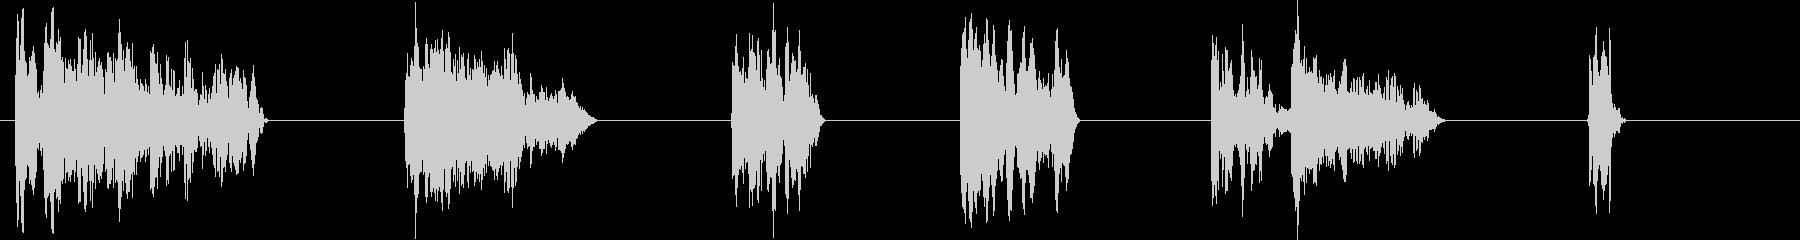 SF要素-6つの効果;メタリックス...の未再生の波形